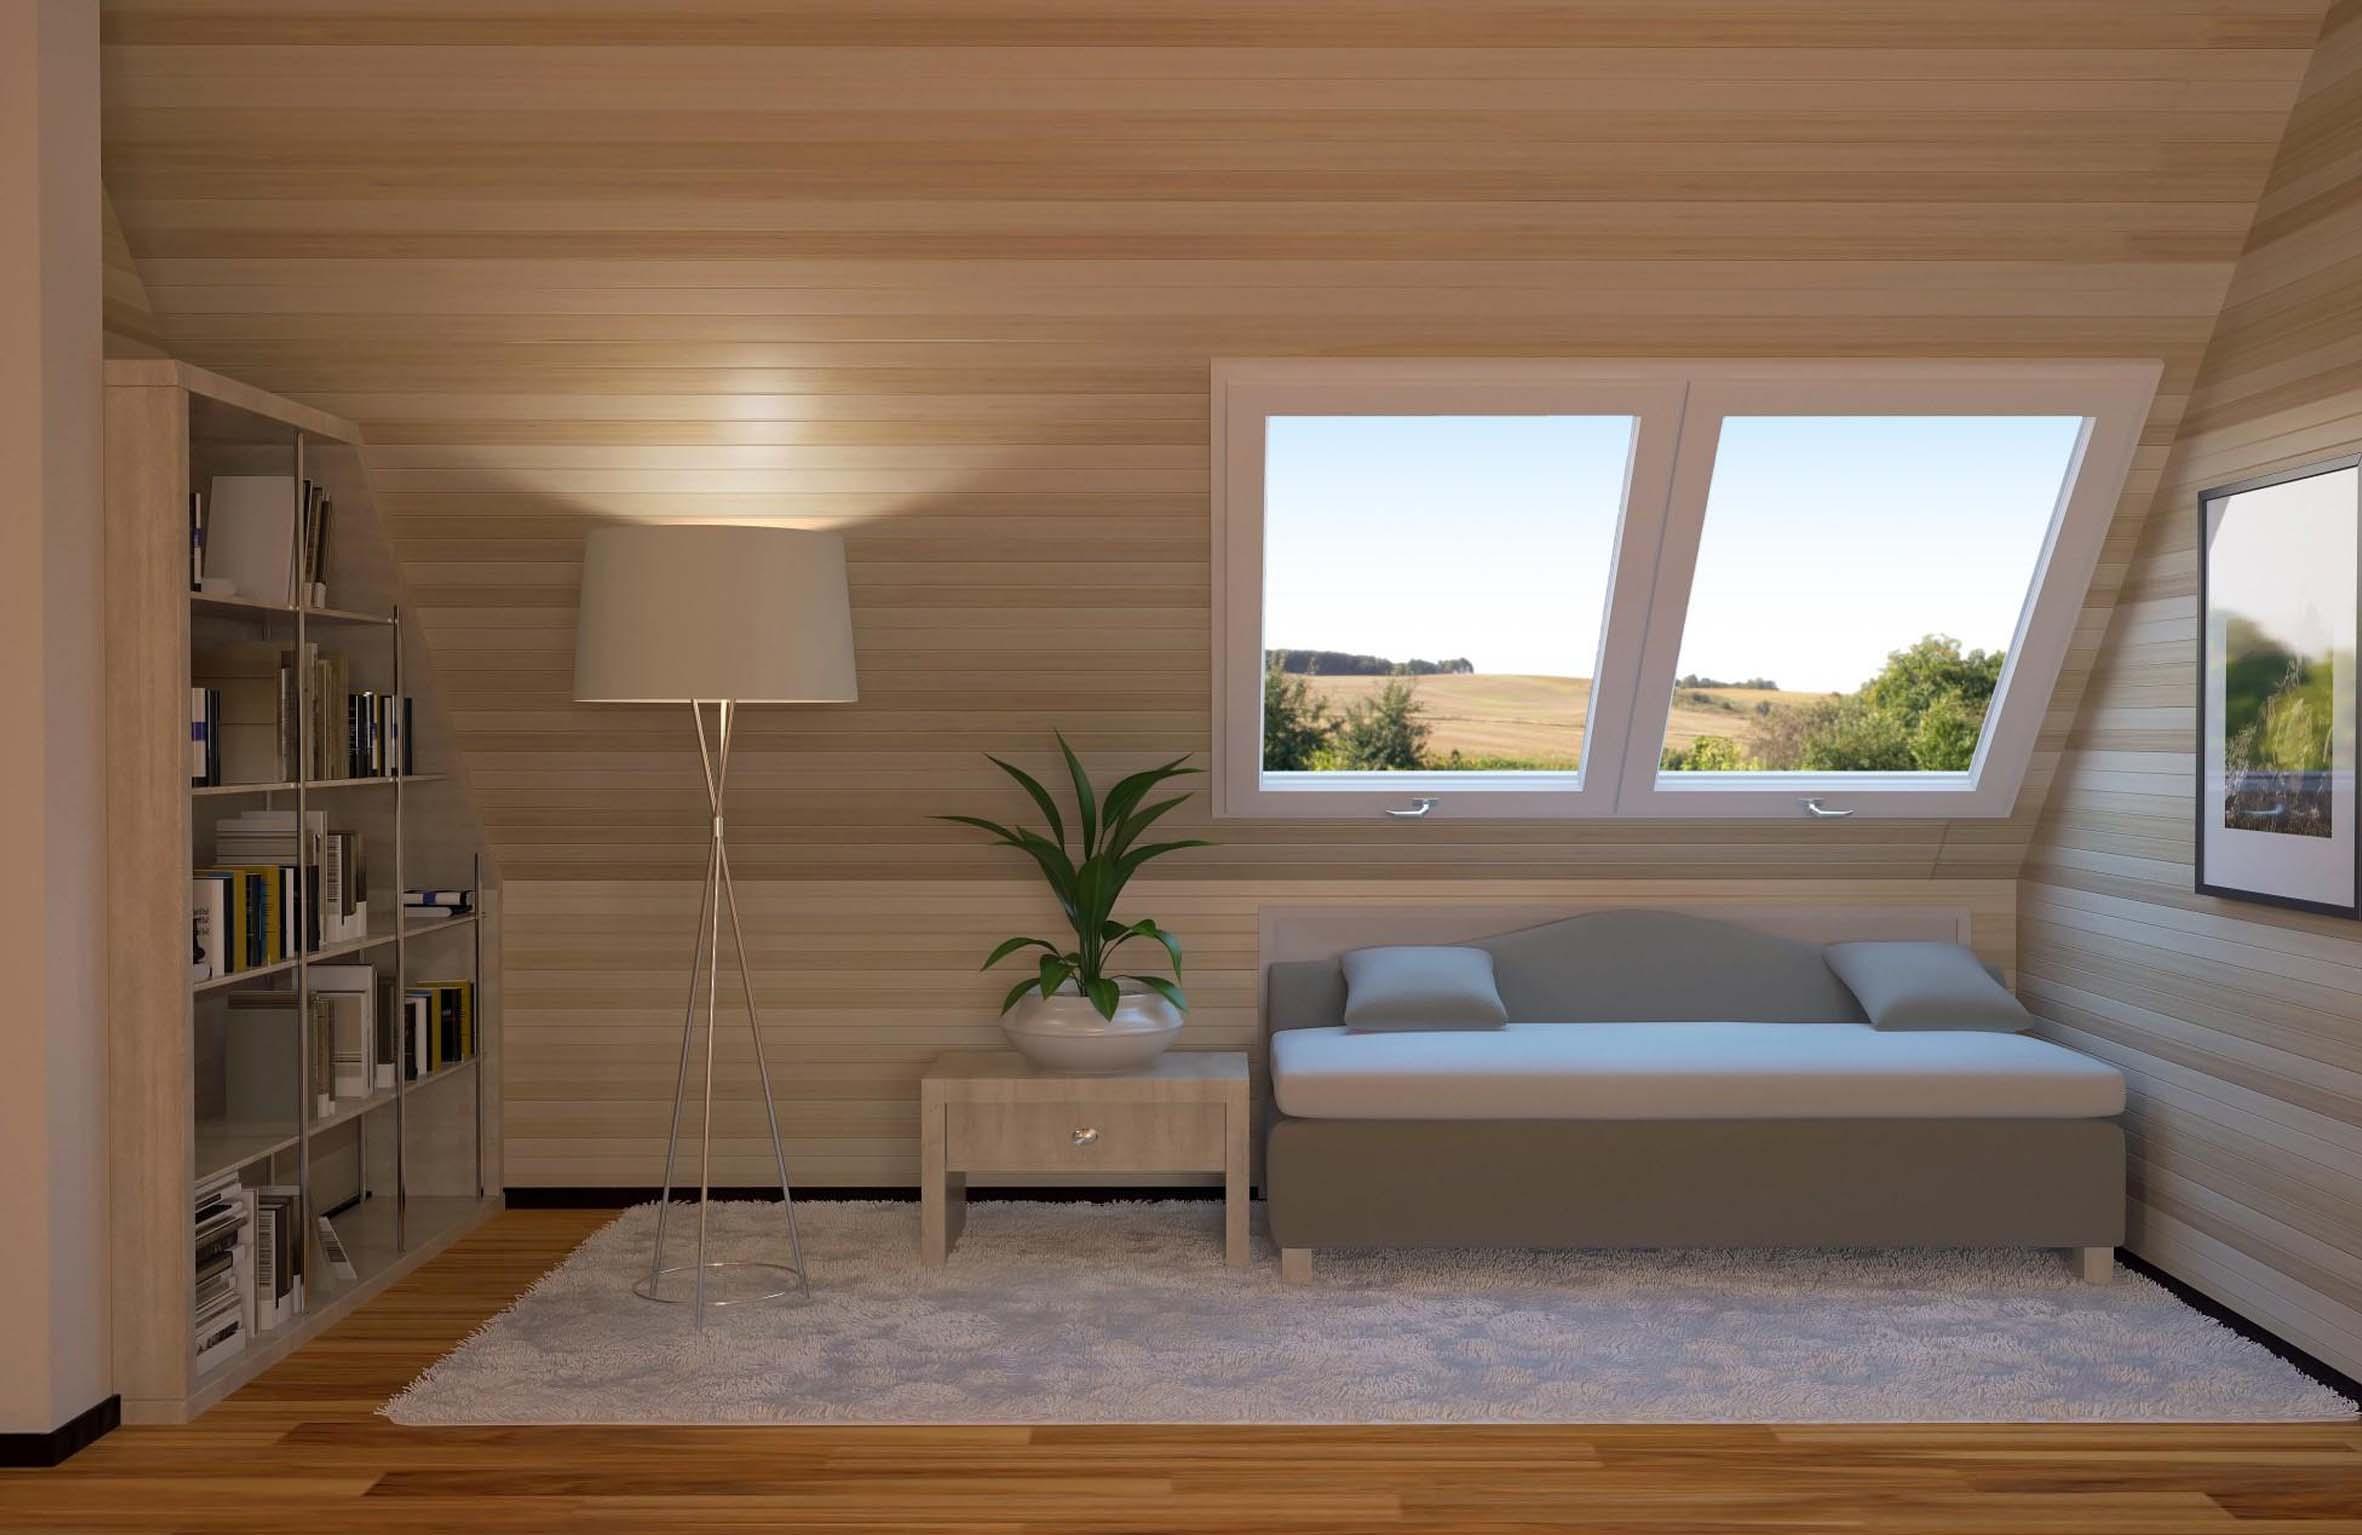 Agibilit e abitabilit dei sottotetti id tips for Siti di interior design